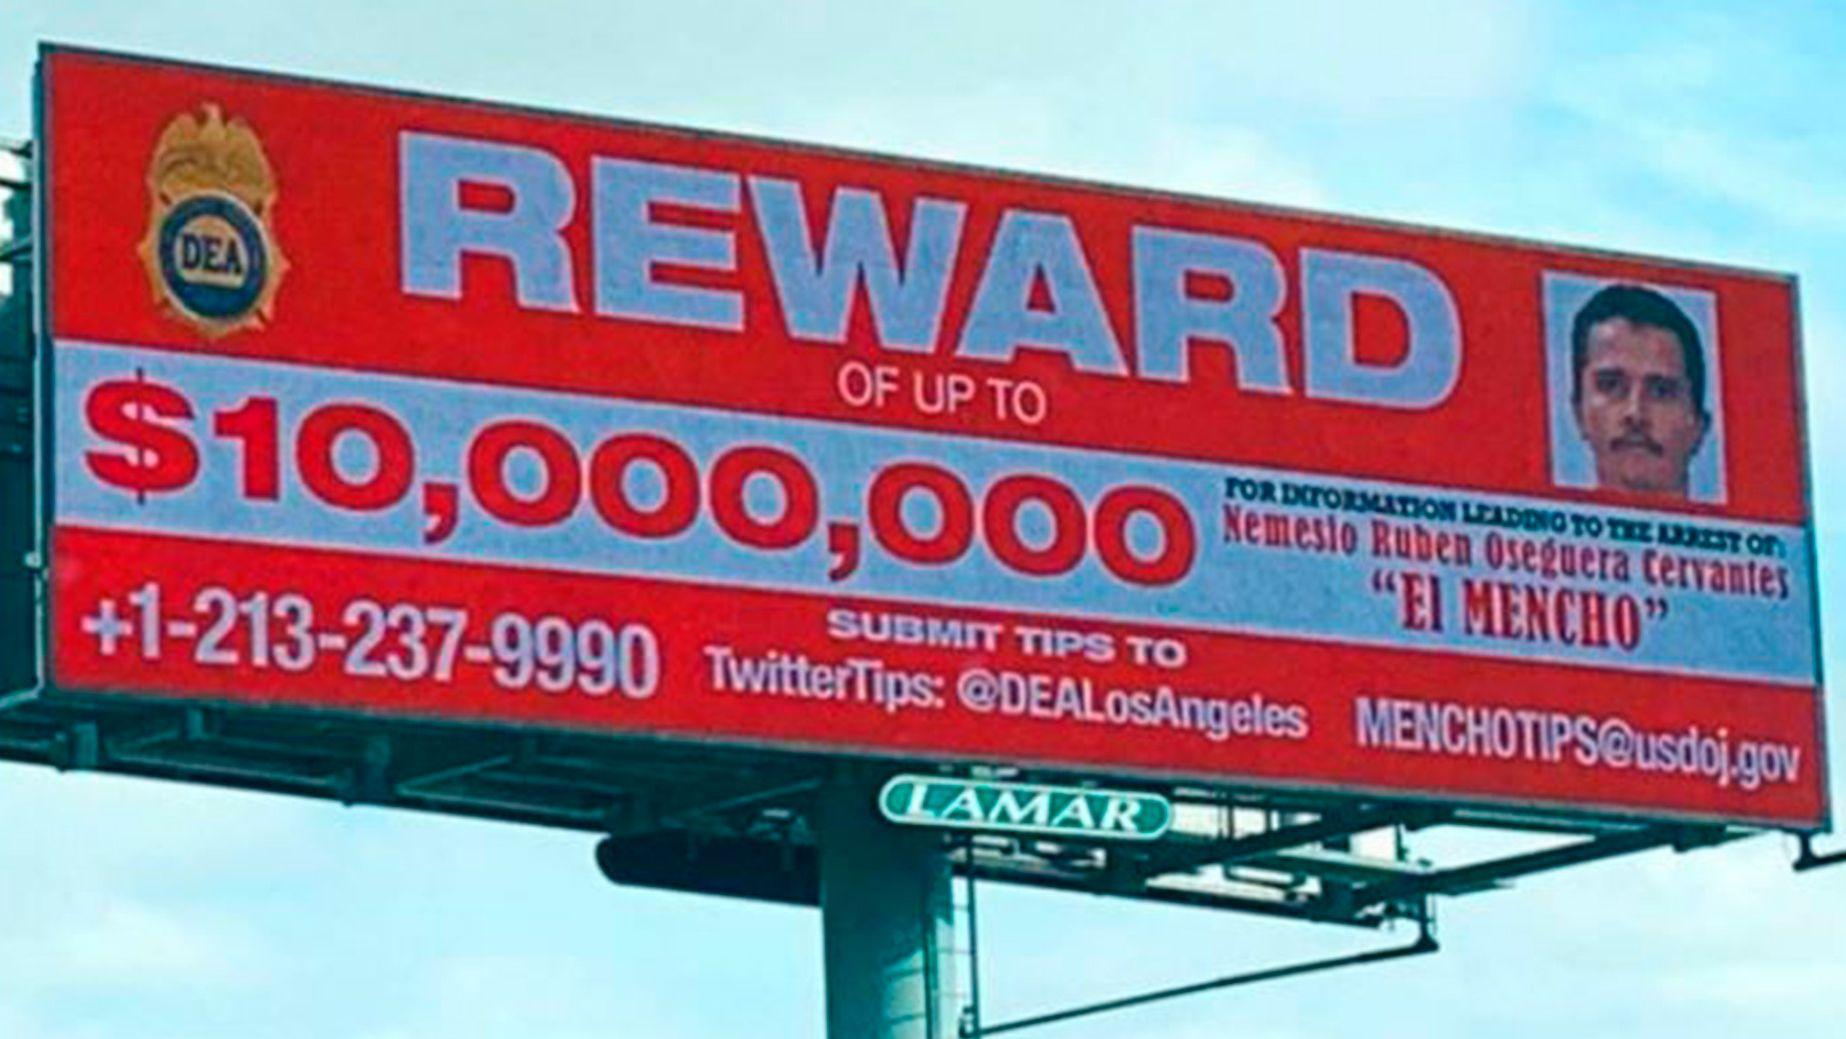 La DEA ofrece 10 millones de dólares por la captura de El Mencho (Foto: Archivo)